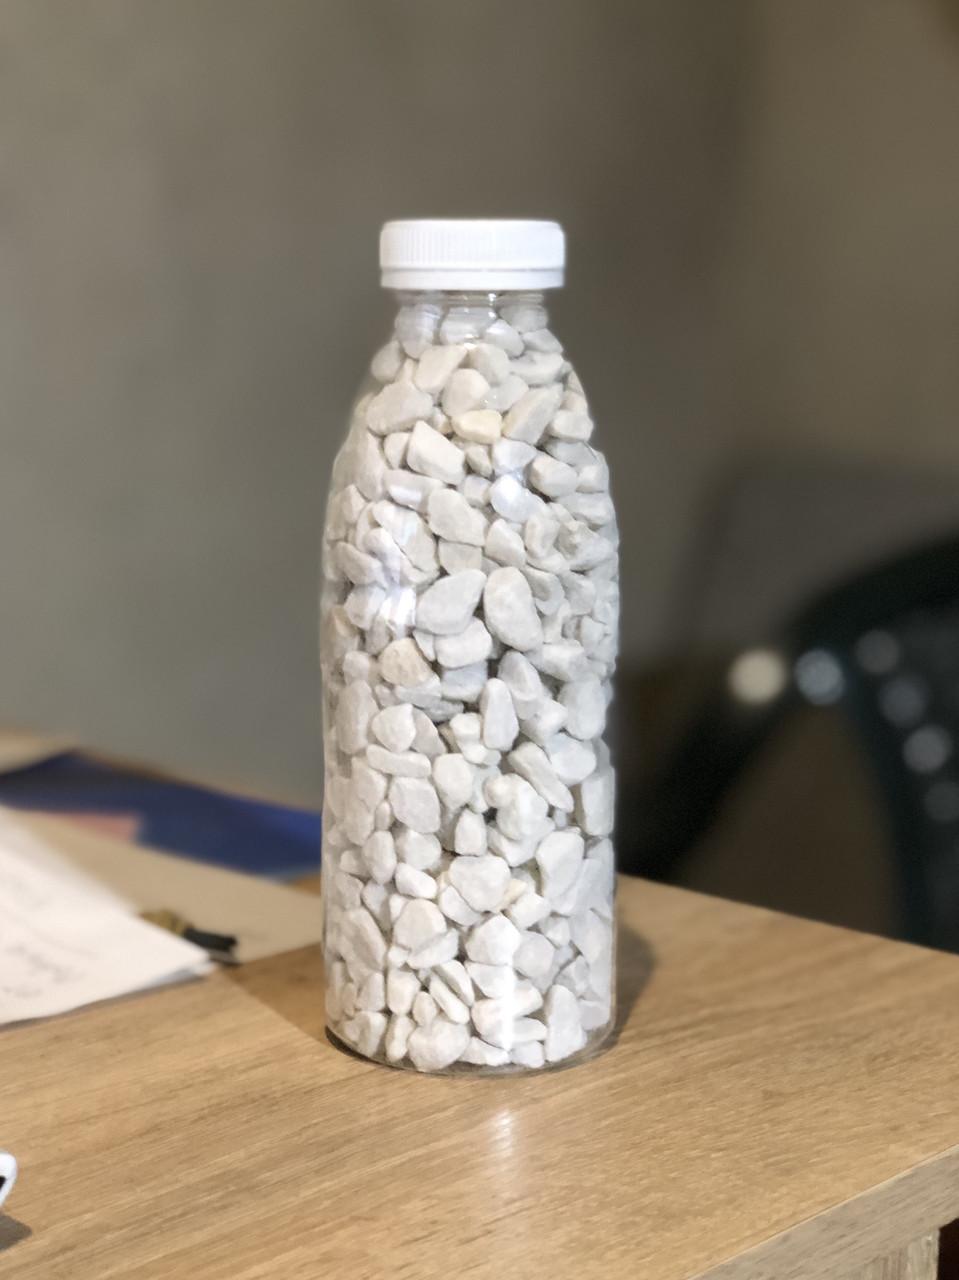 Мраморная СКИДКА!!! промокод - 0000 Крошка в декоративной бутылке (8-12 мм)